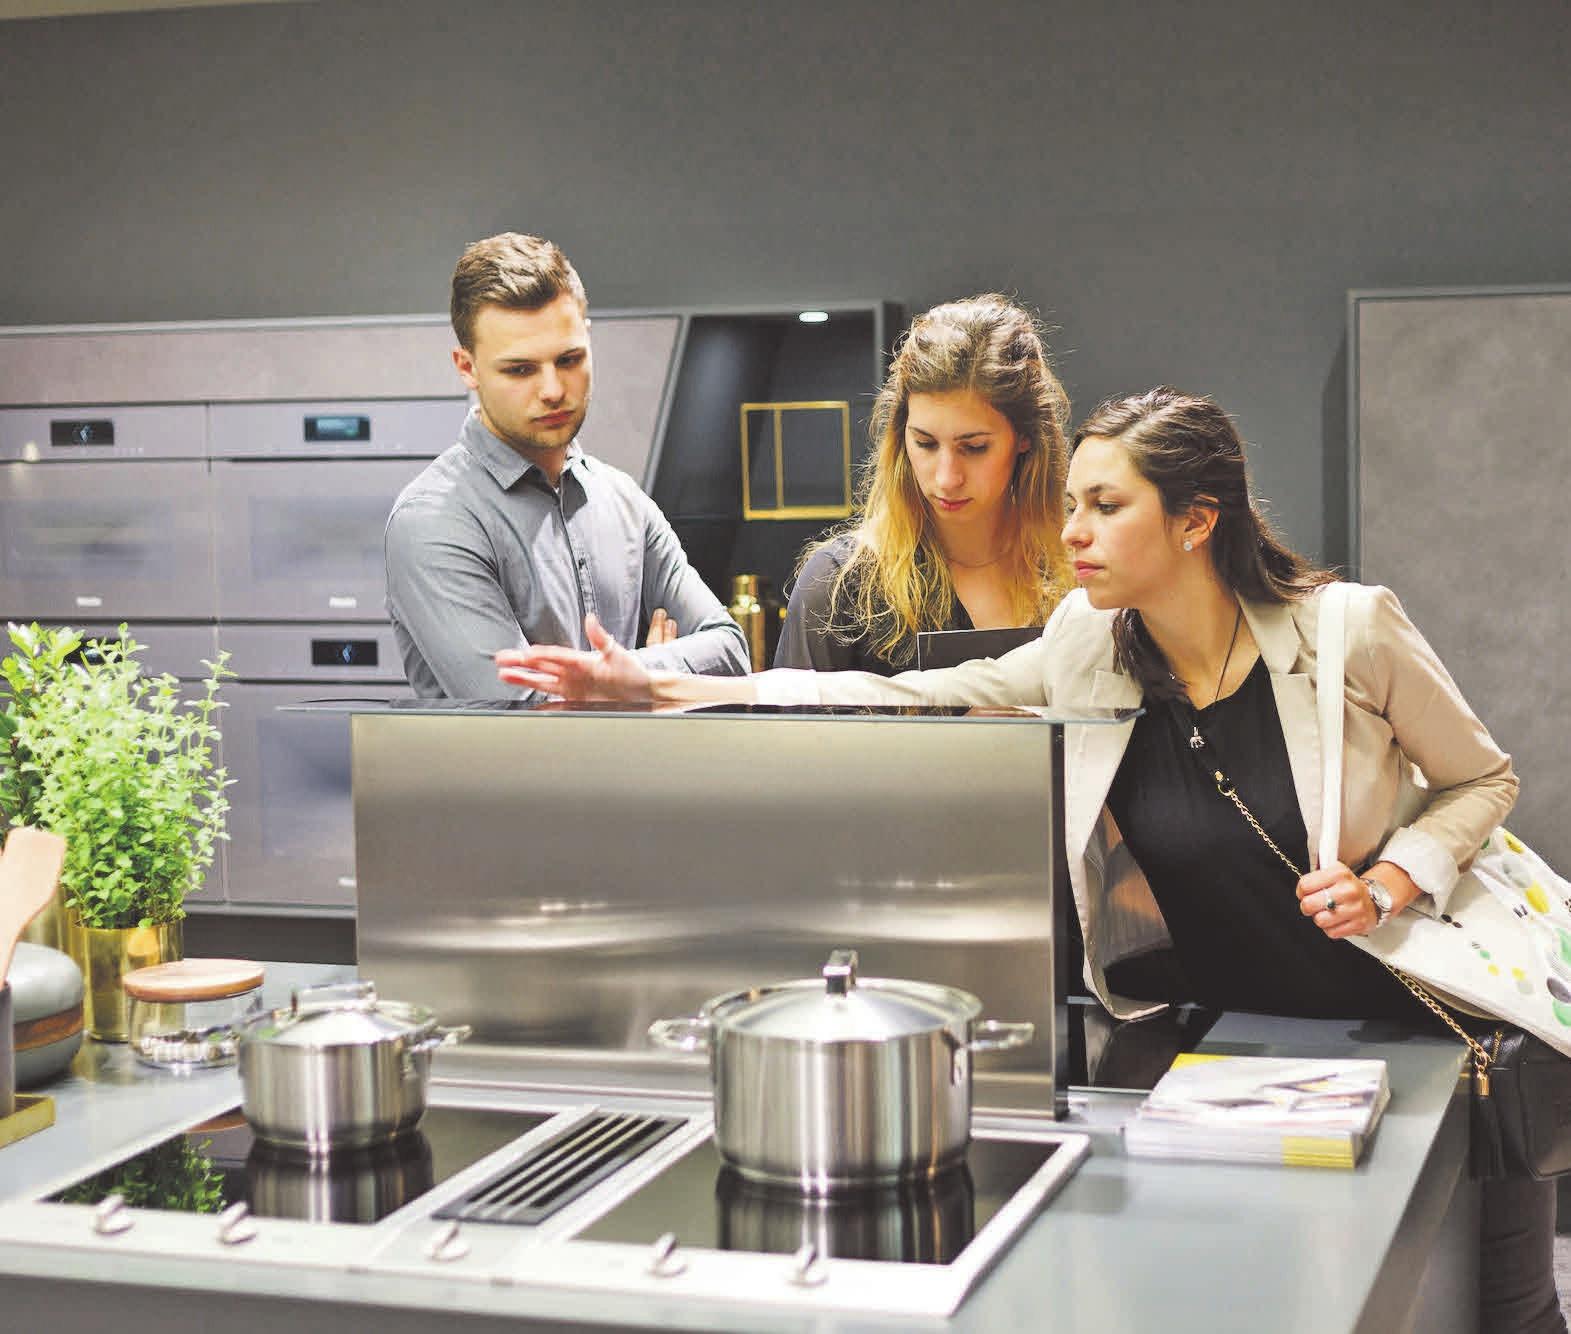 Die Einrichtungsbranche macht gute Umsätze – das lässt zukunftssichere Jobs in der Kundenberatung und Management erwarten. Foto: djd/Fachschule des Möbelhandels